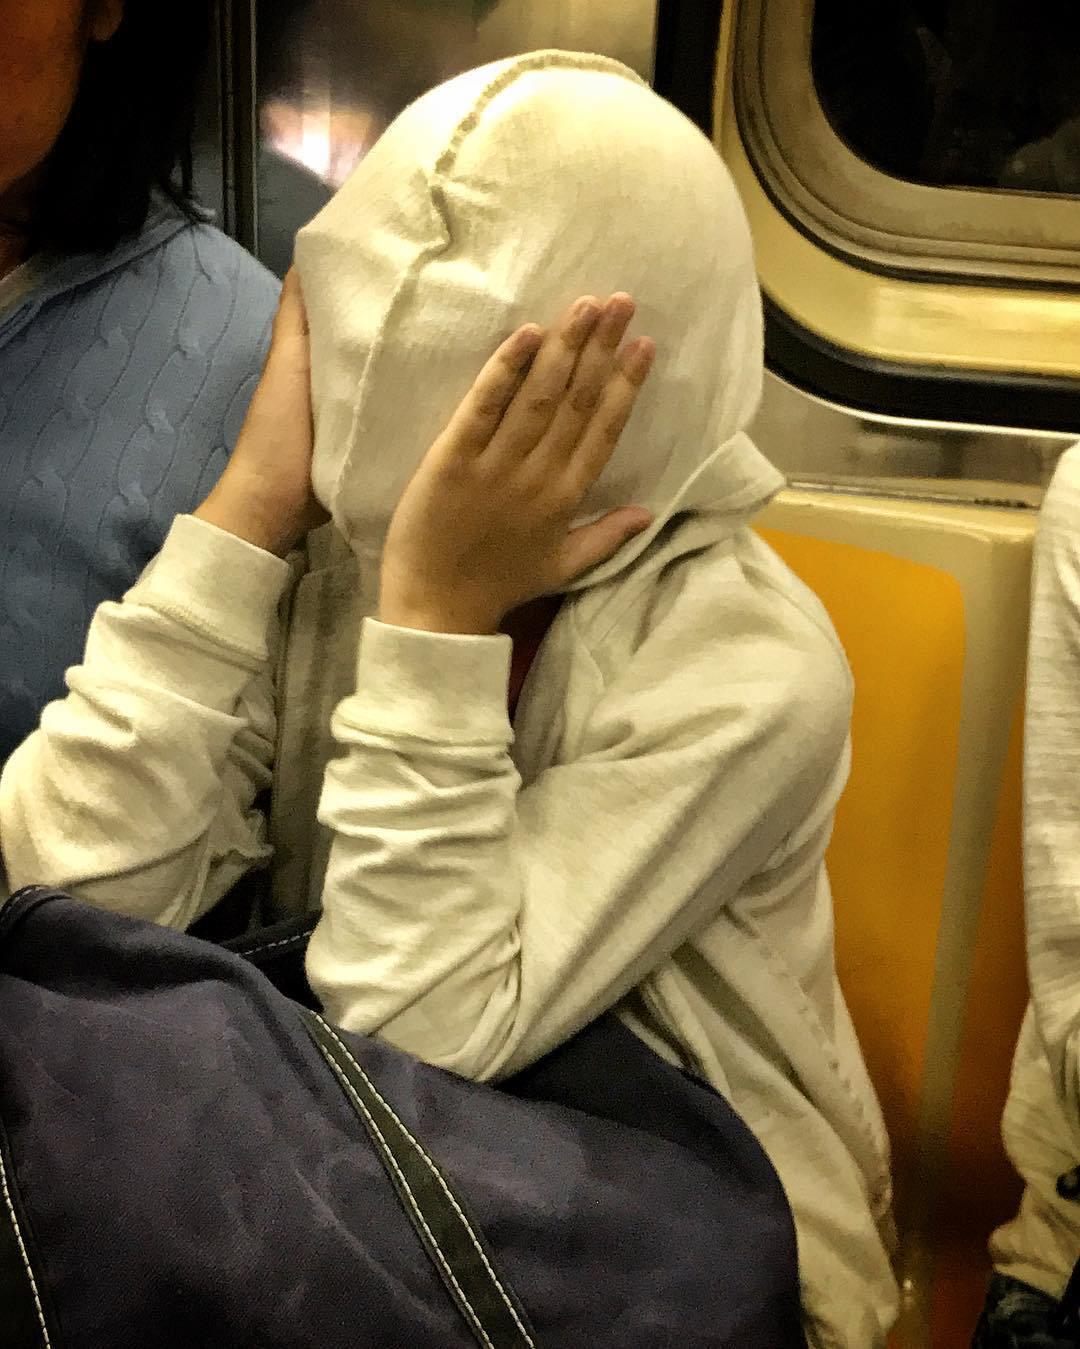 девушка с капюшоном на лице в метро